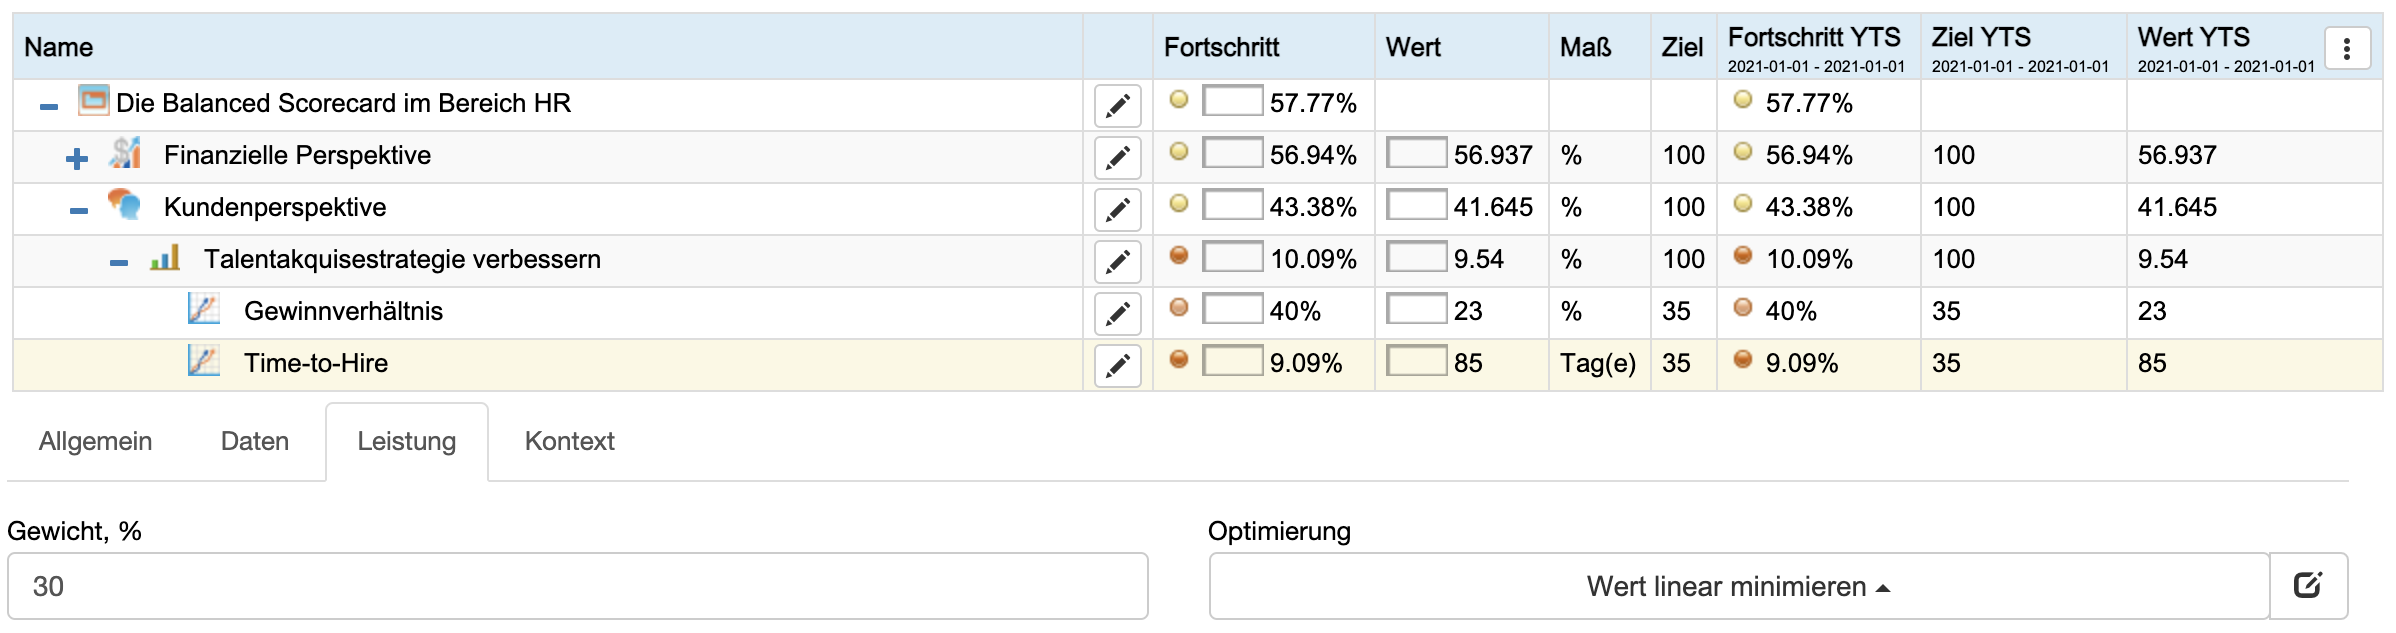 BSC Designer führt alle benötigen Berechnungen auf der KPI-Scorecard durch